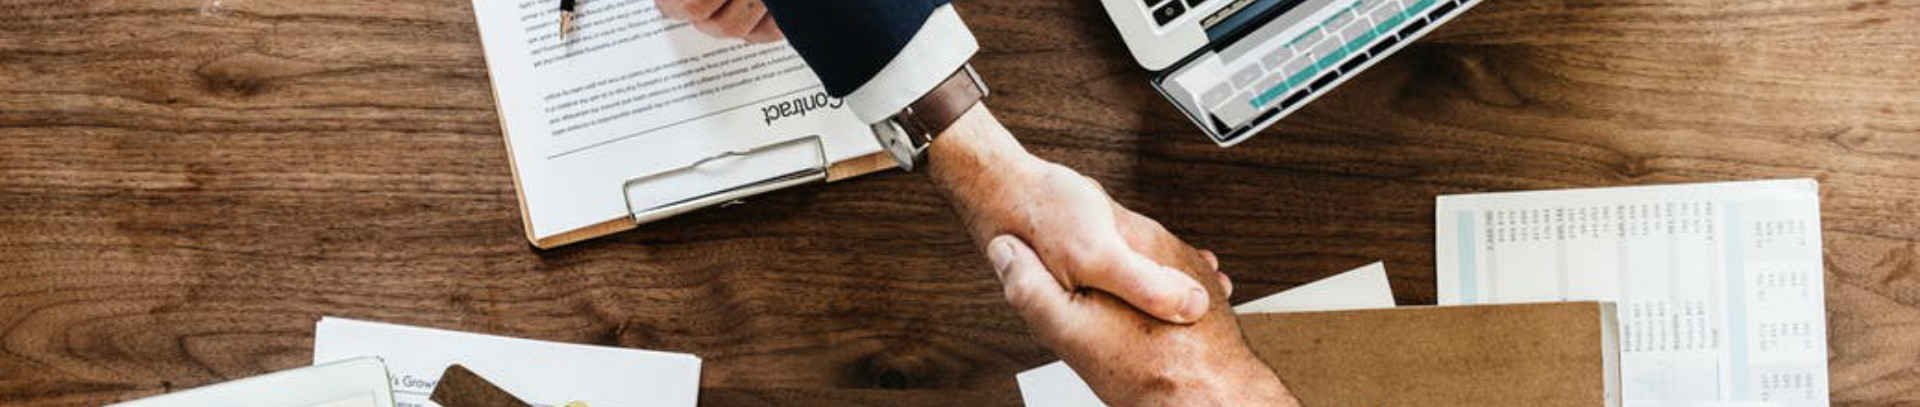 CQSA - Handshake